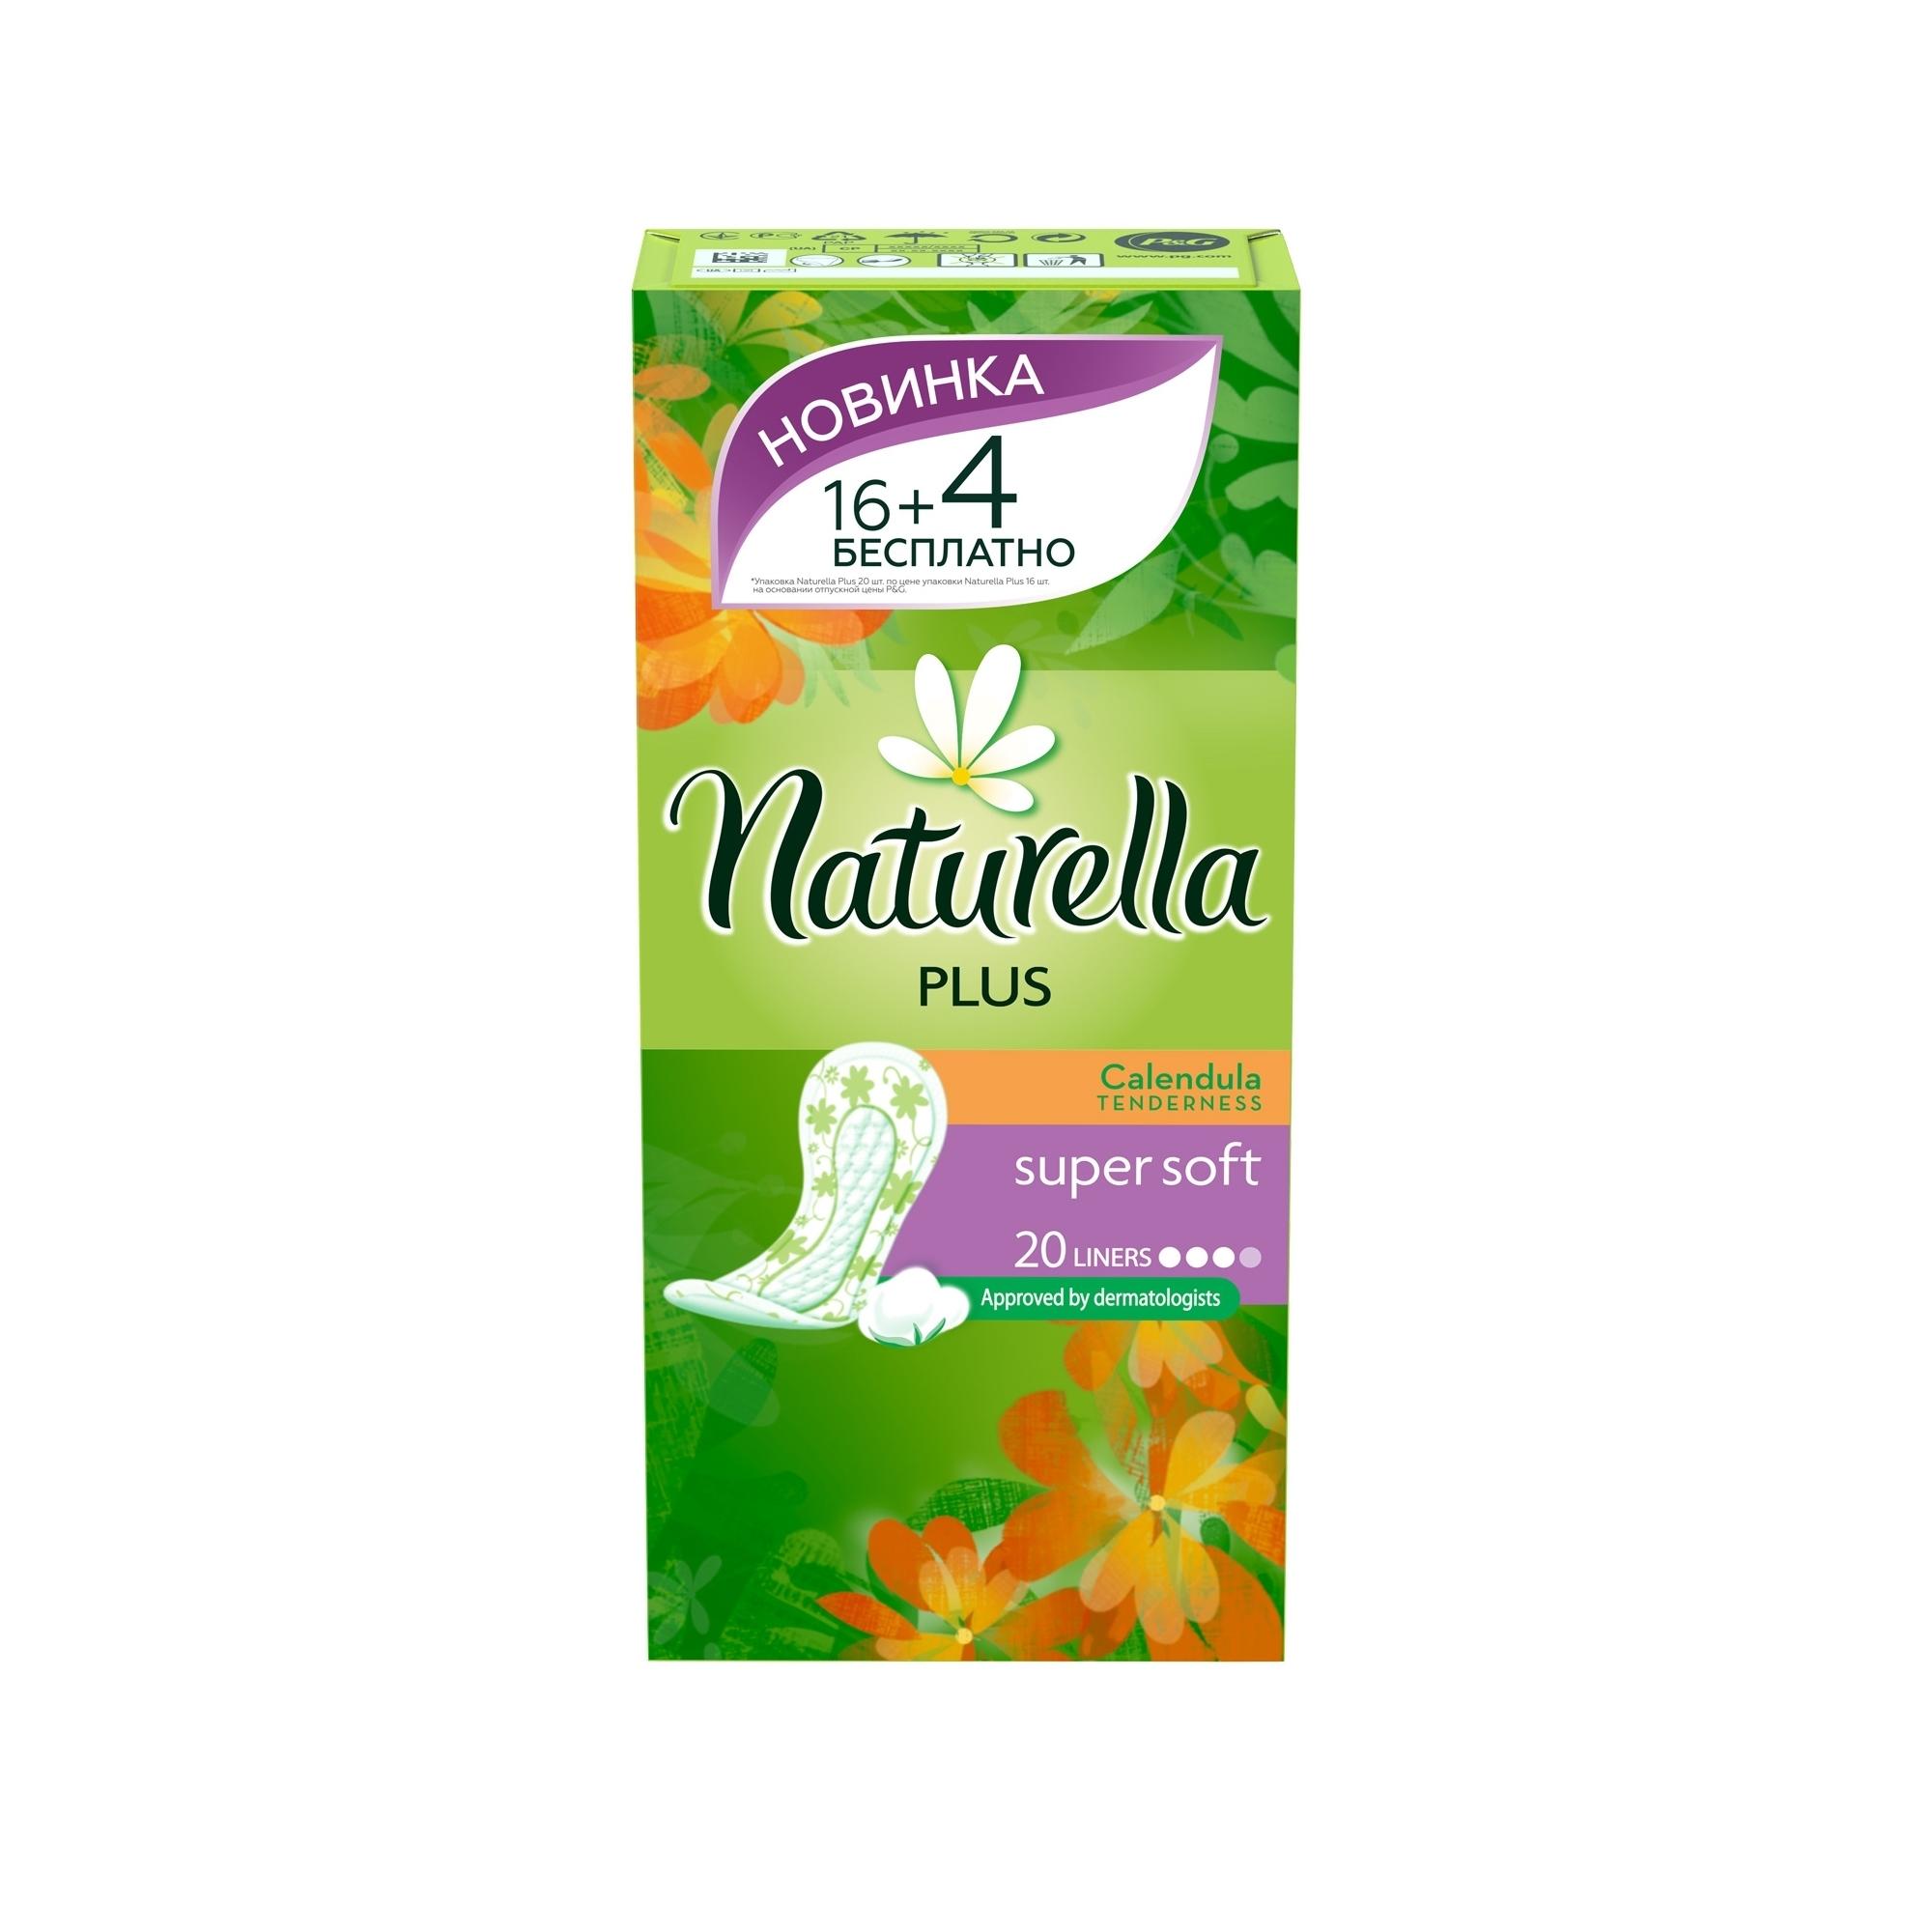 Прокладки гигиенические Naturella ежедневные Plus Calendula Tenderness 20Шт.<br>